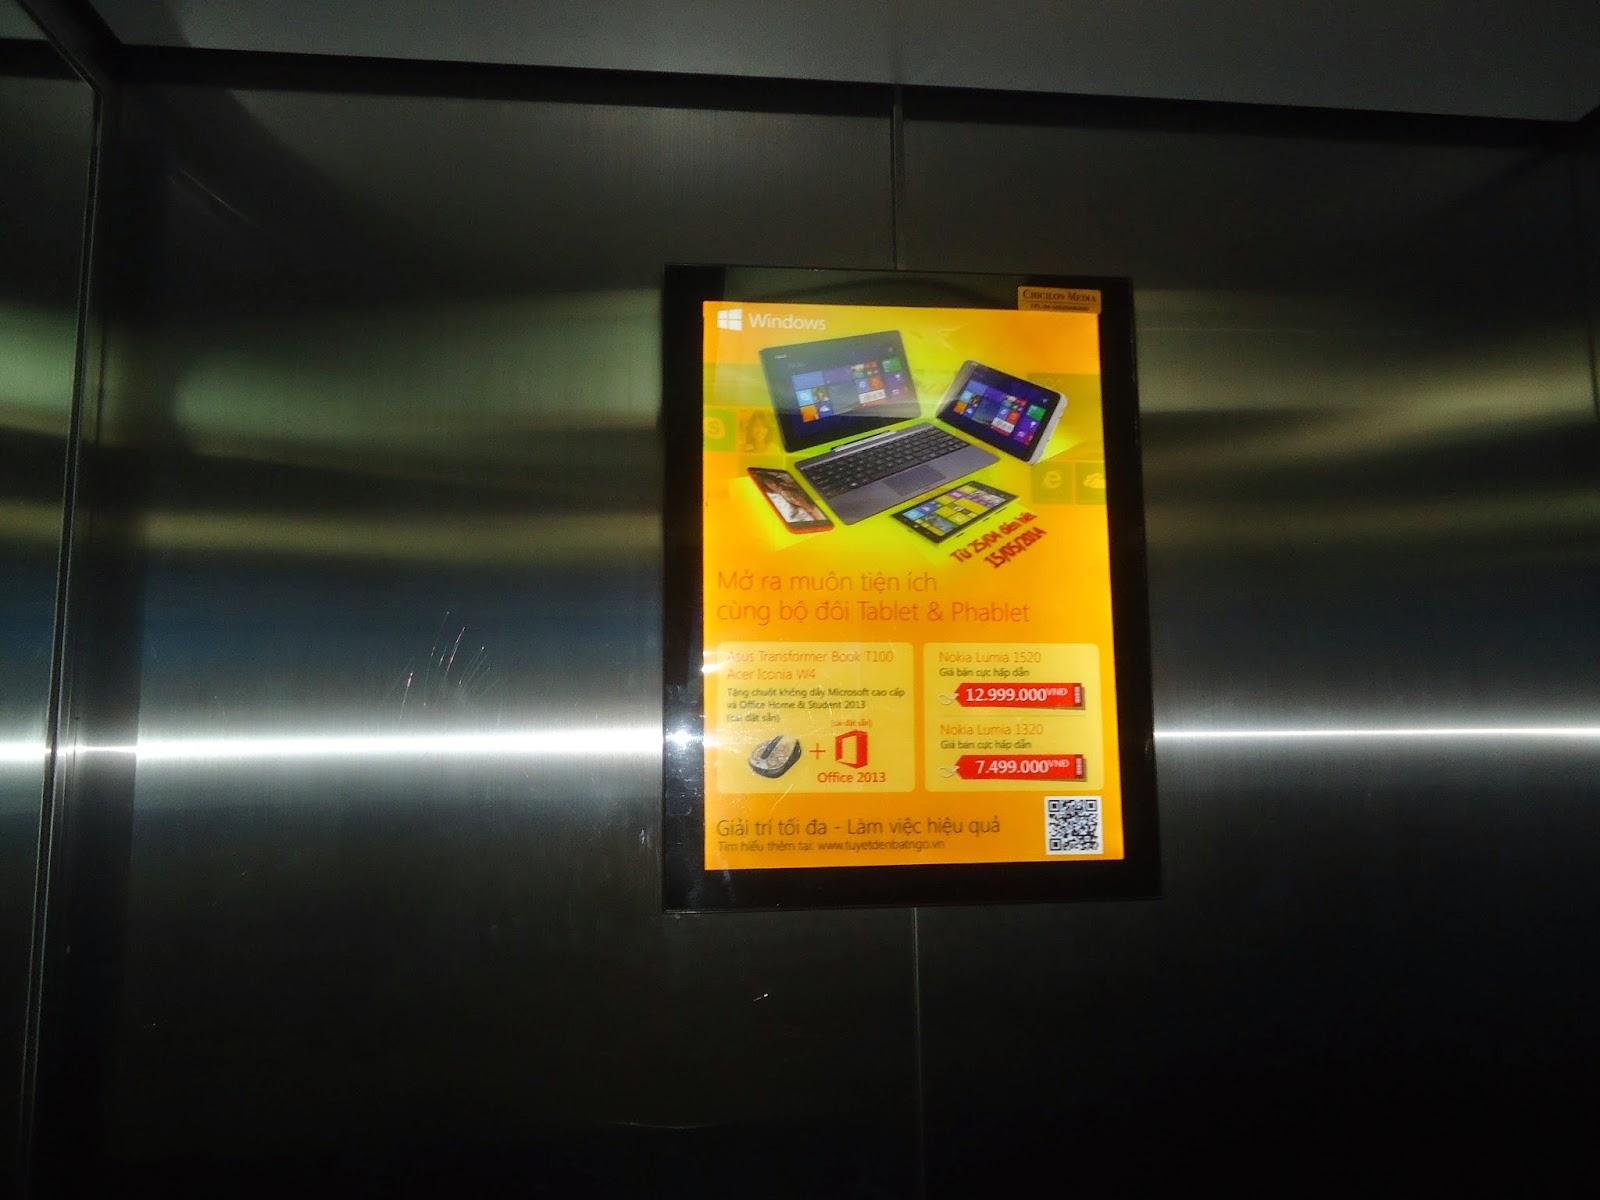 chicilon media, quảng cáo trong thang máy